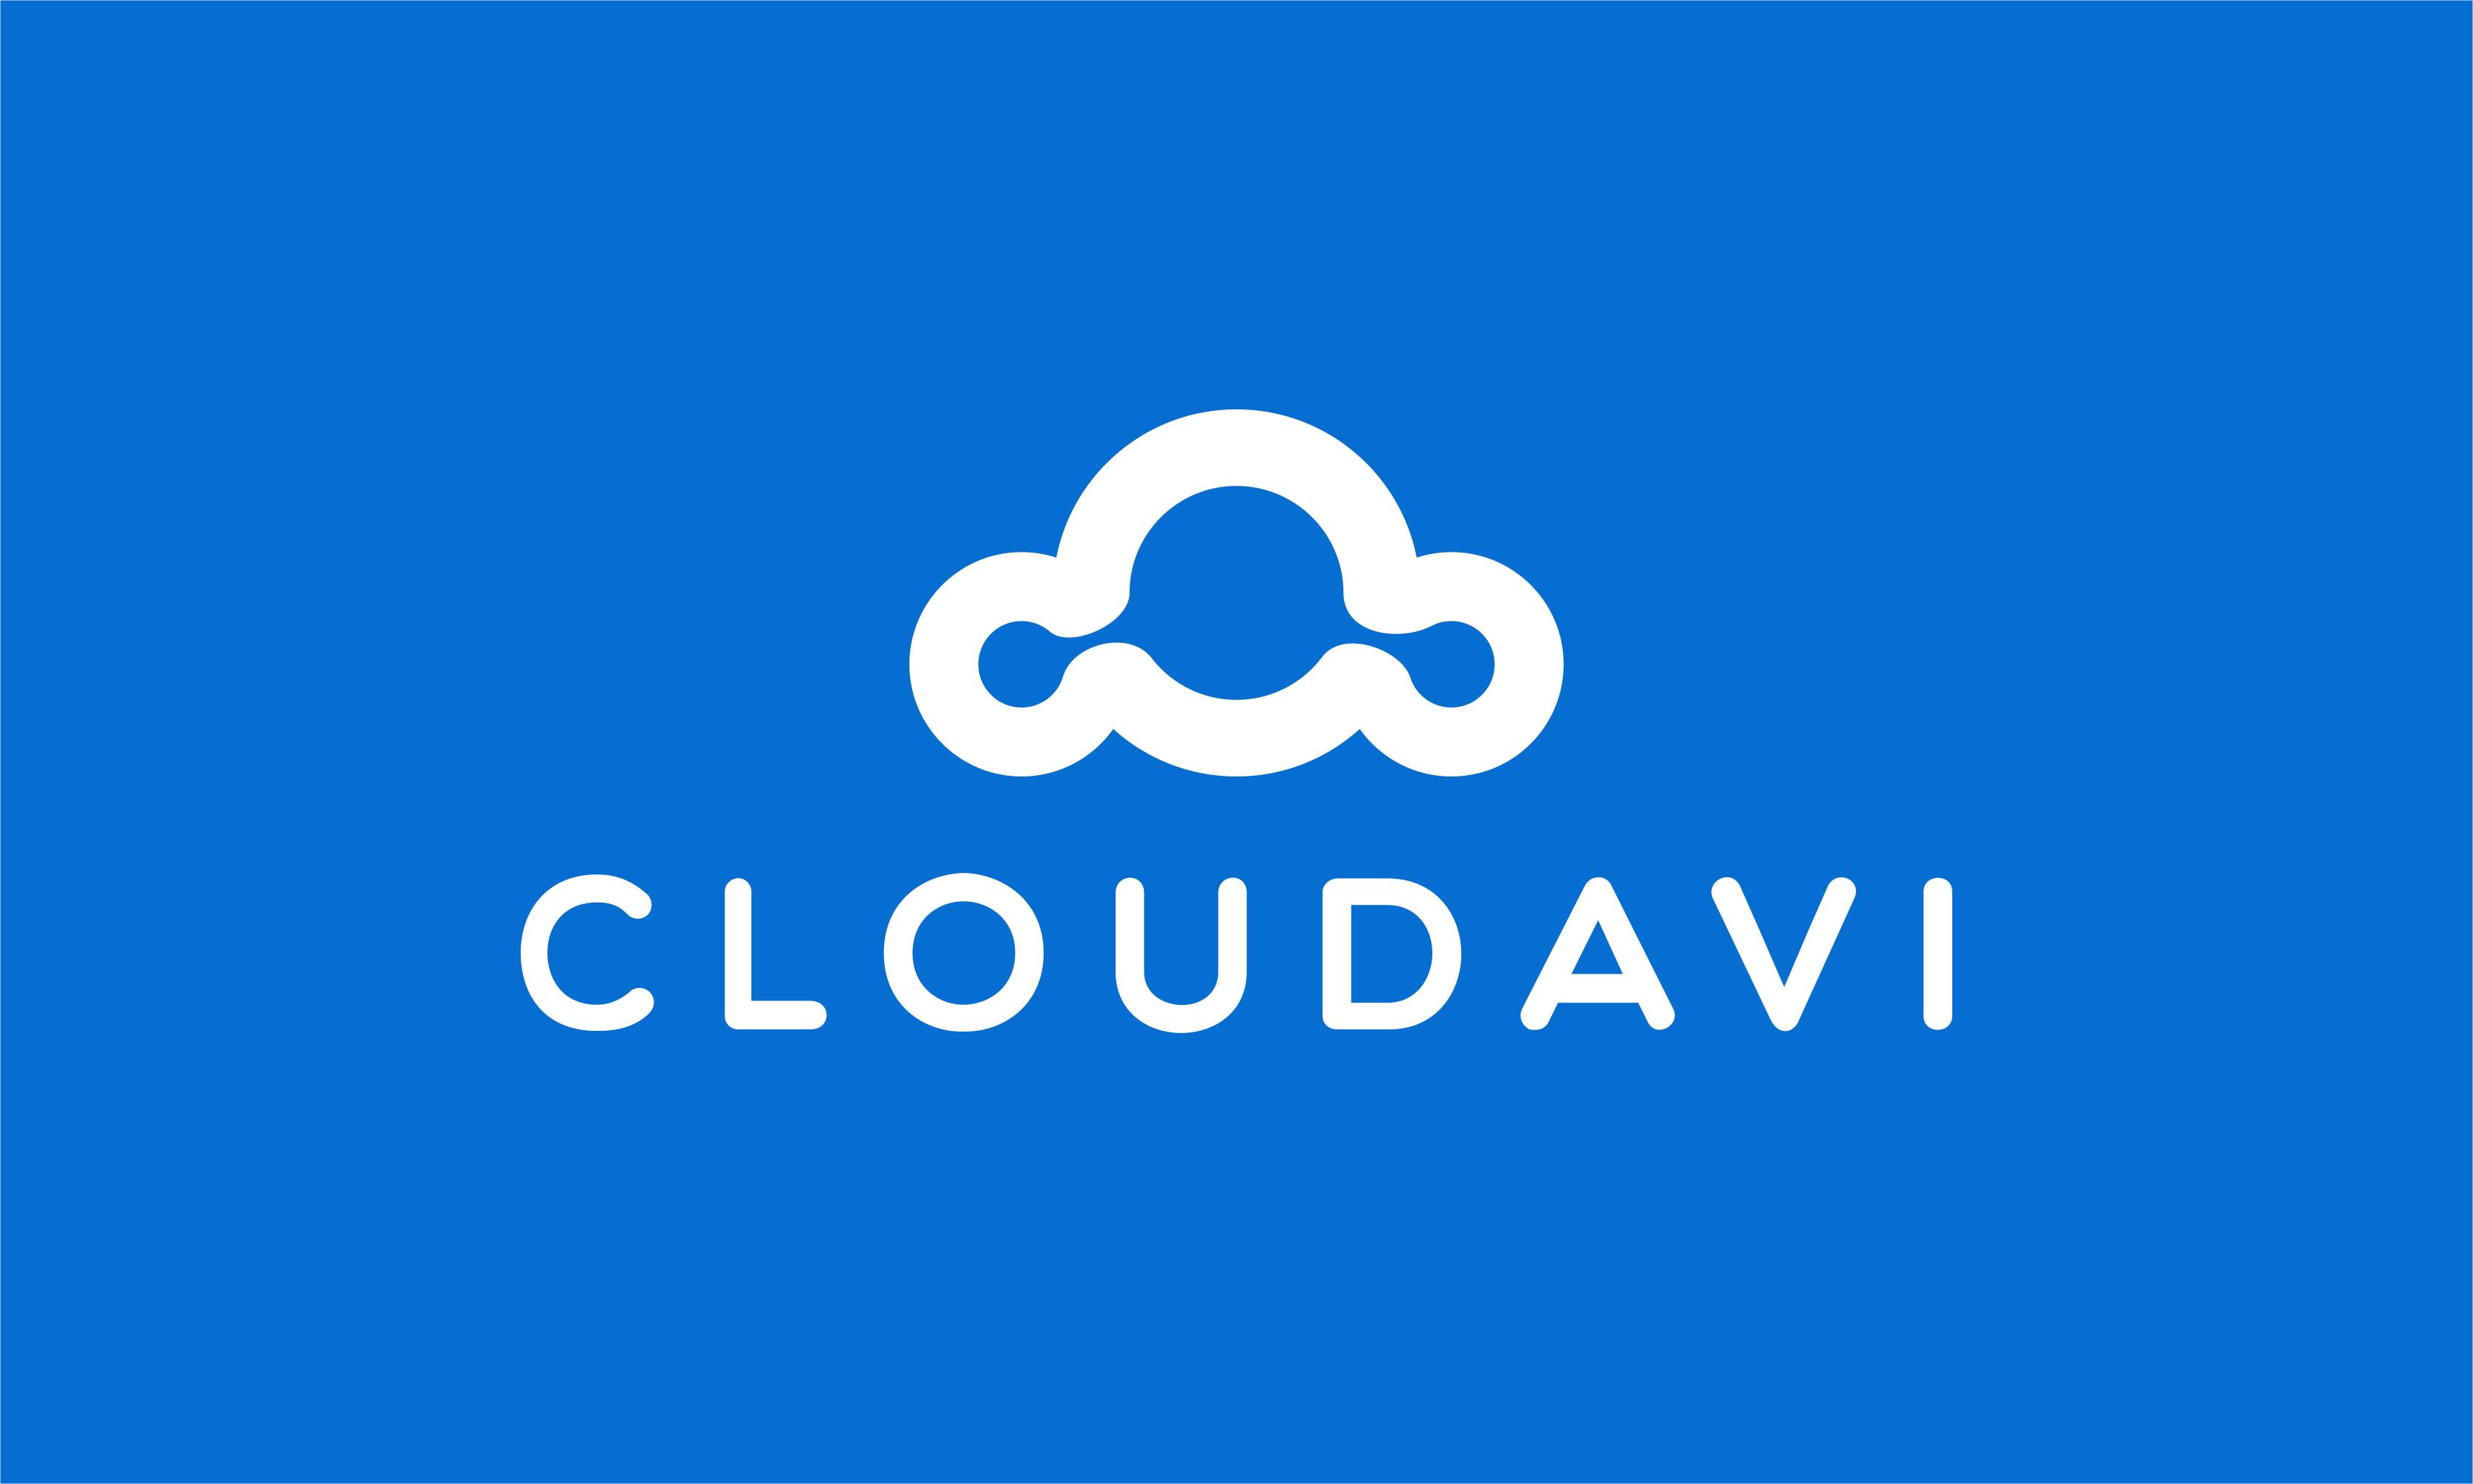 Cloudavi